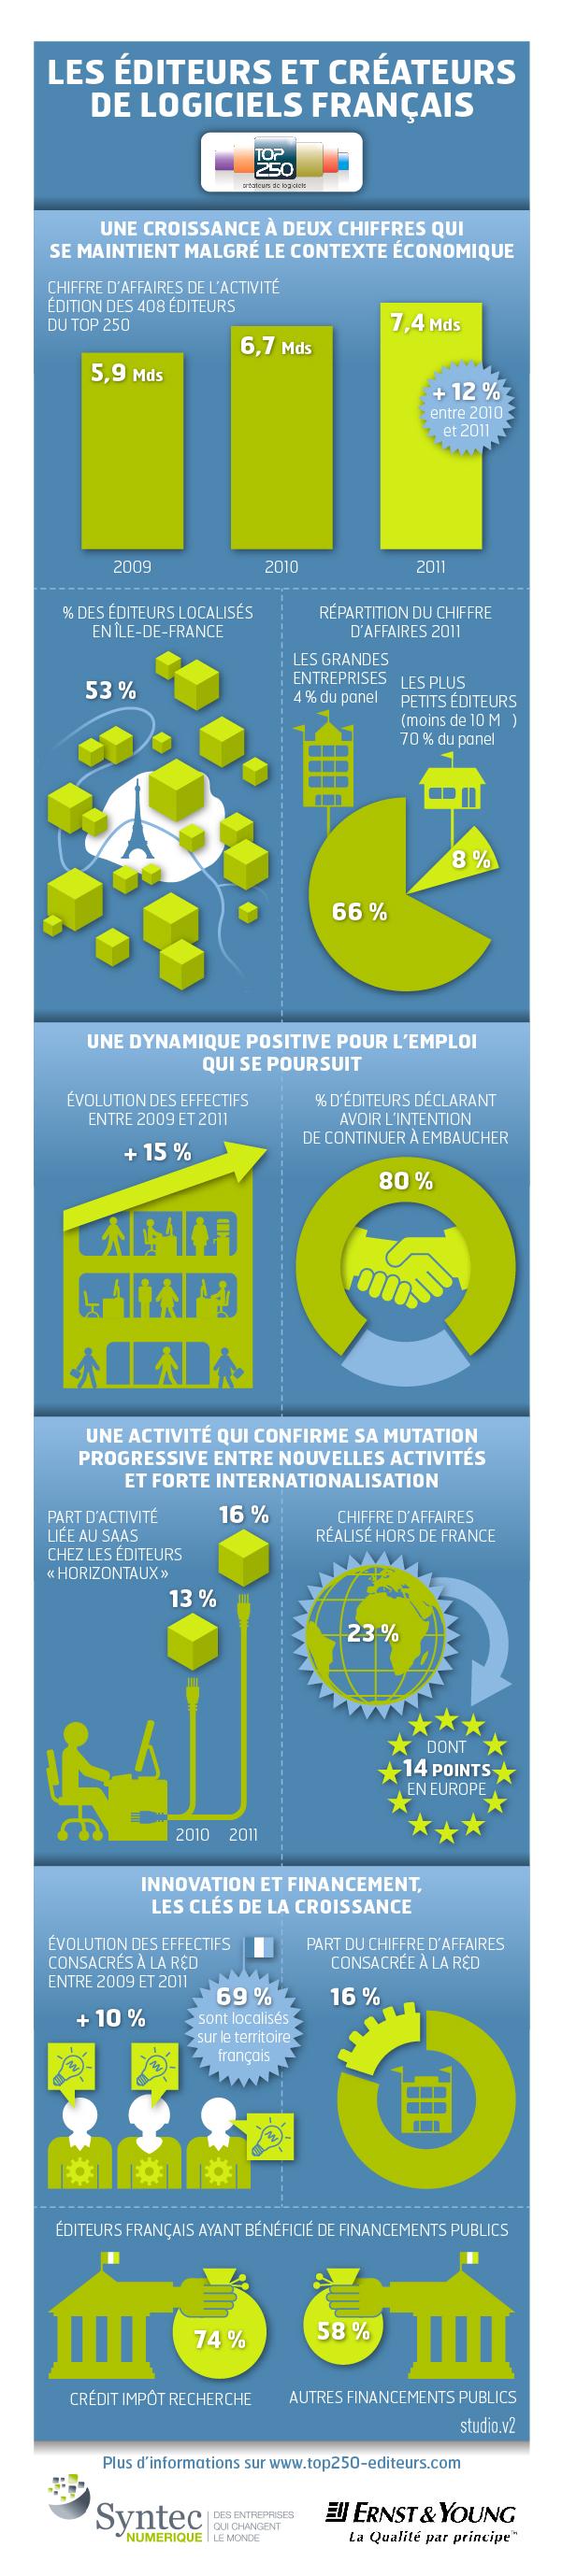 A voir dans alliancy le mag : Infographie - Les éditeurs et créateurs de logiciels français